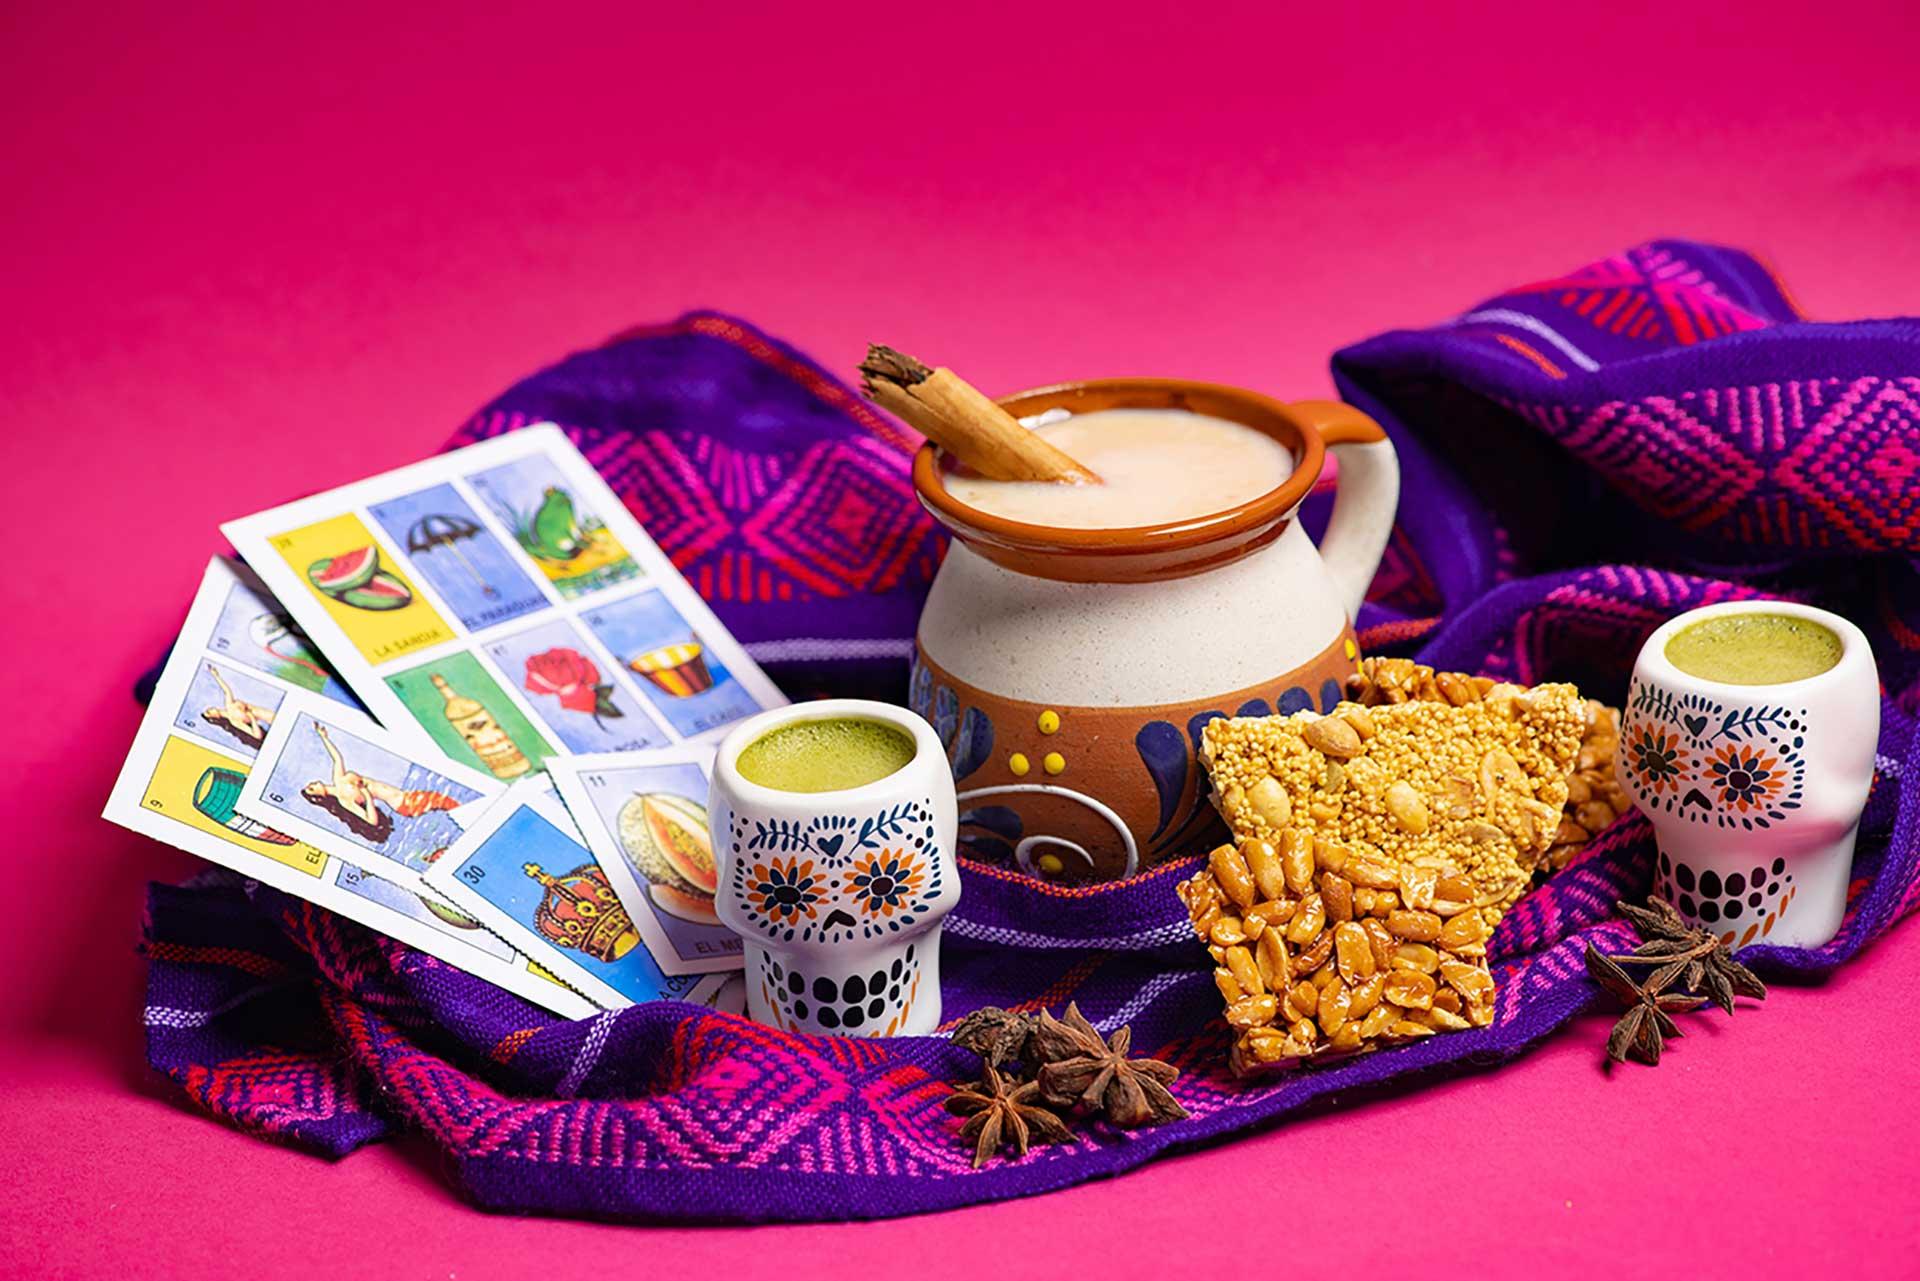 Dulces mexicanos y té